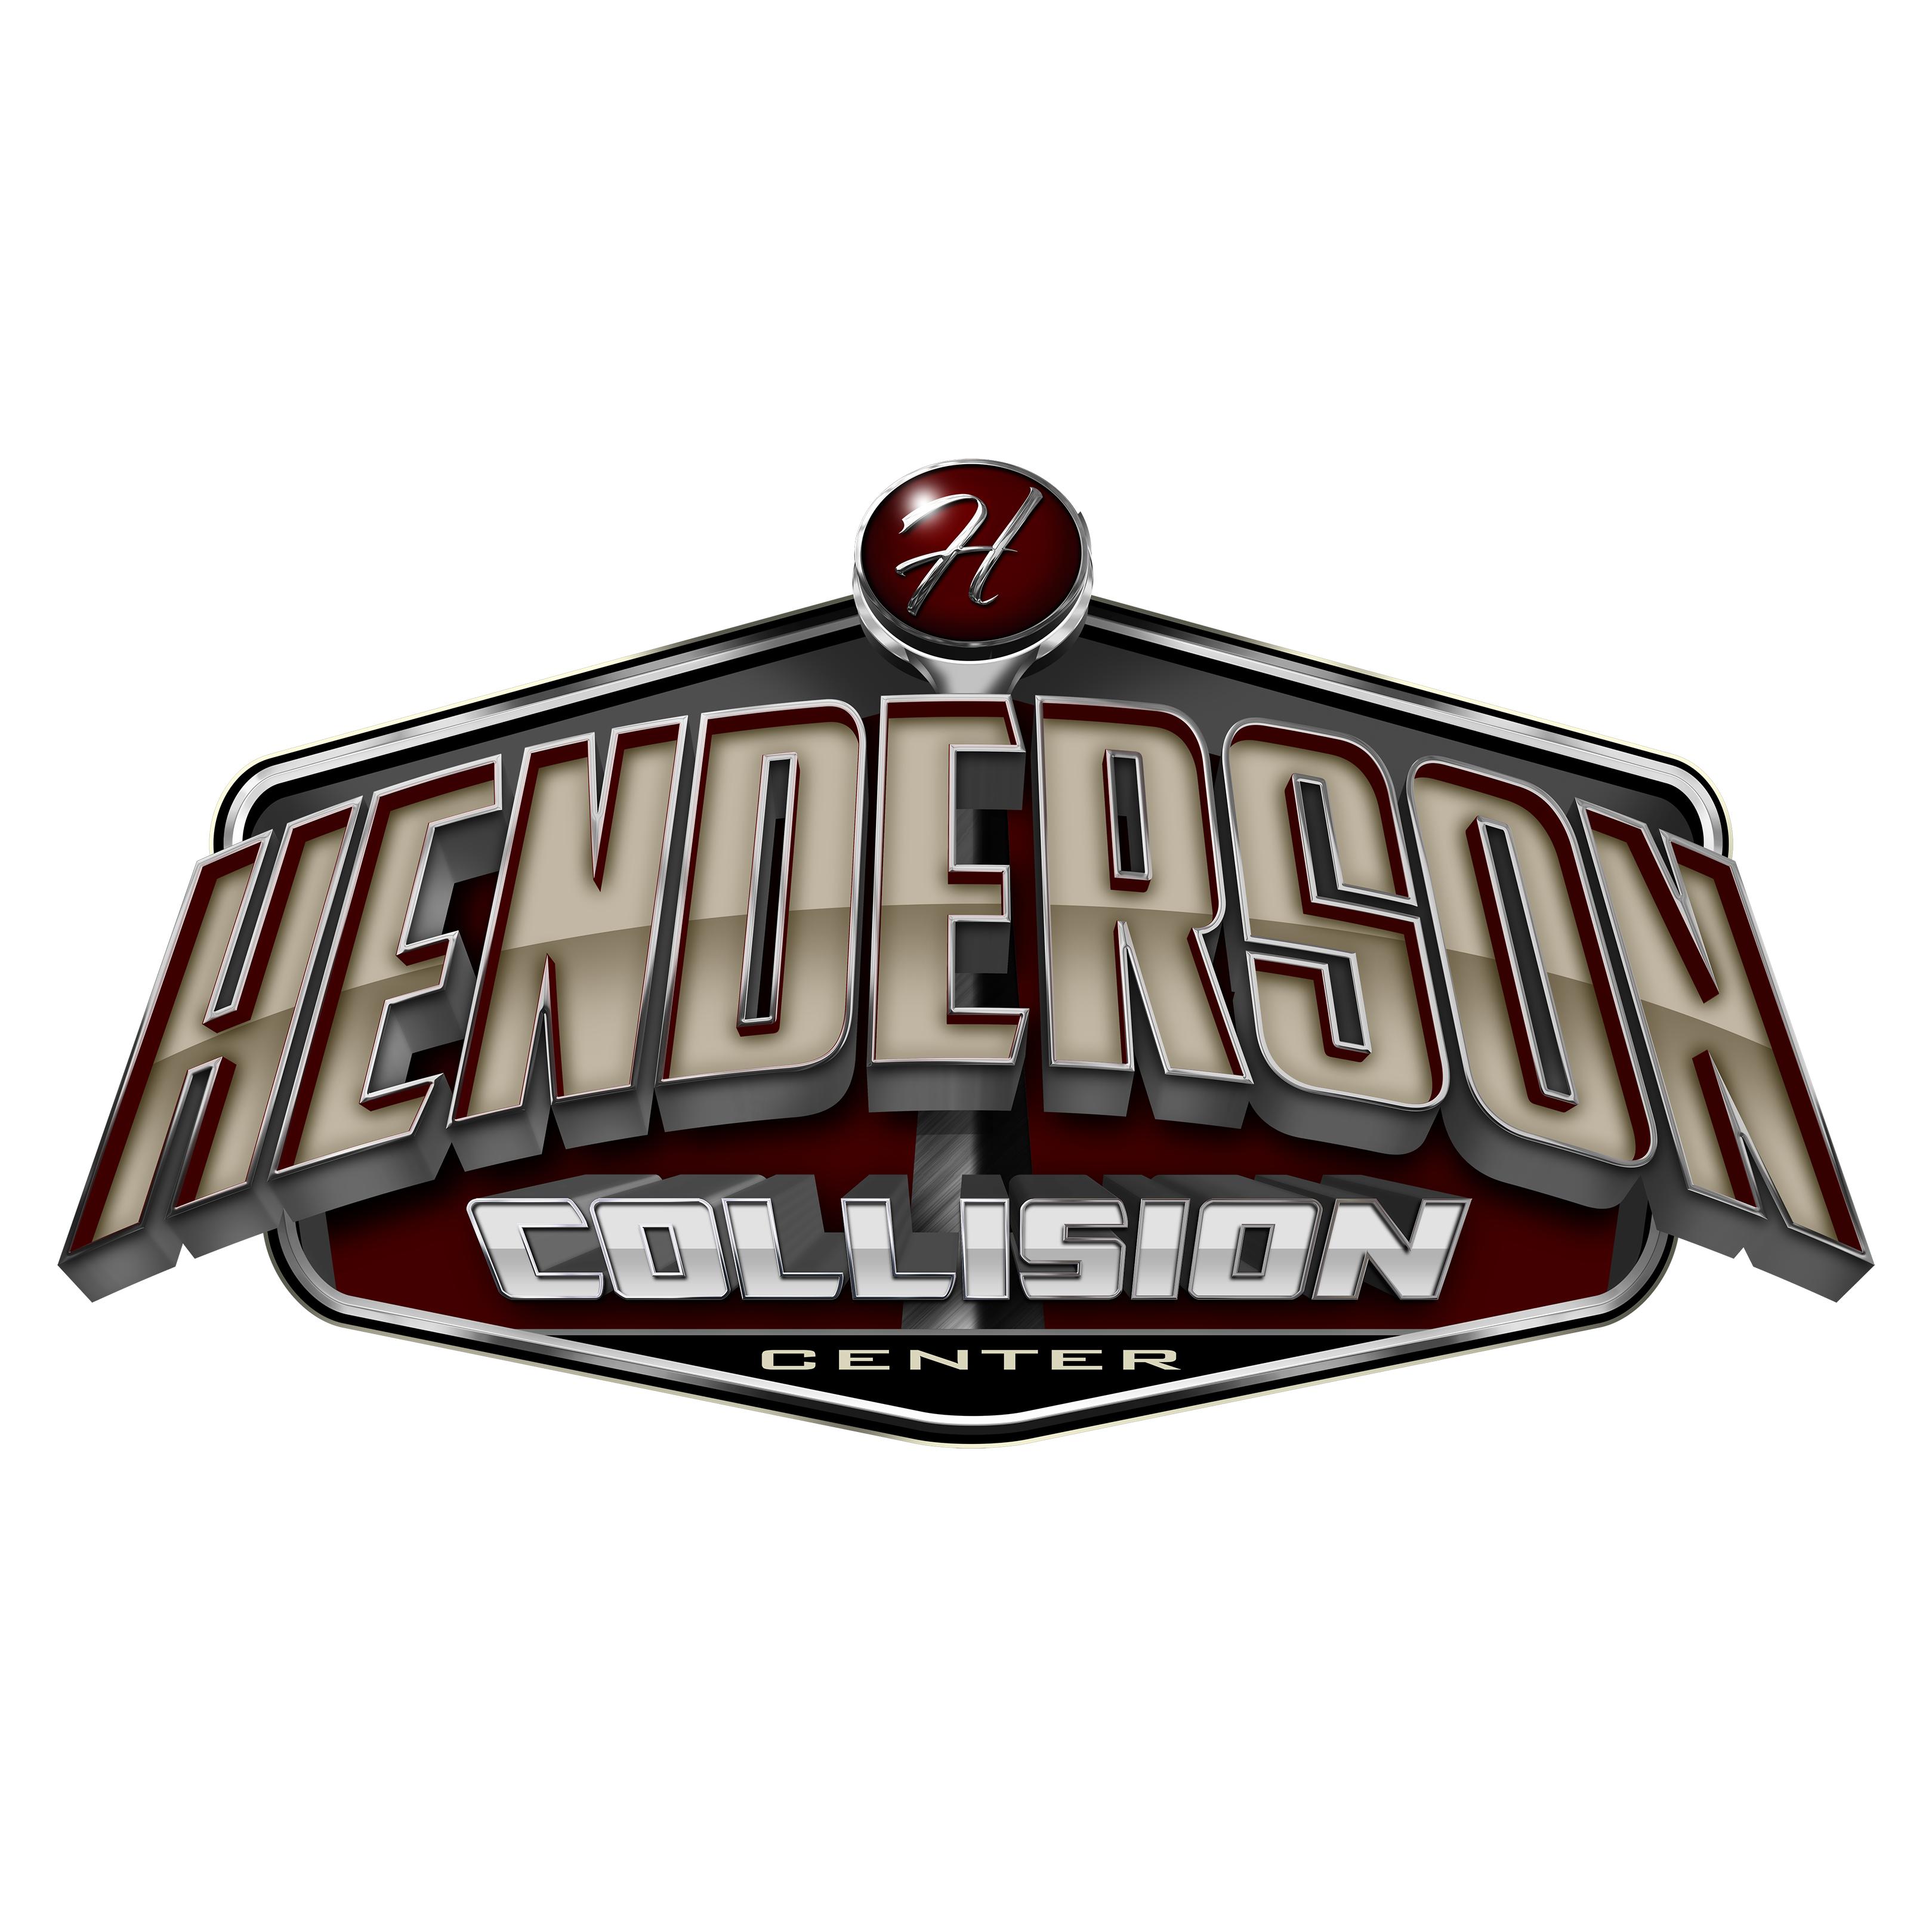 Henderson Collision Center